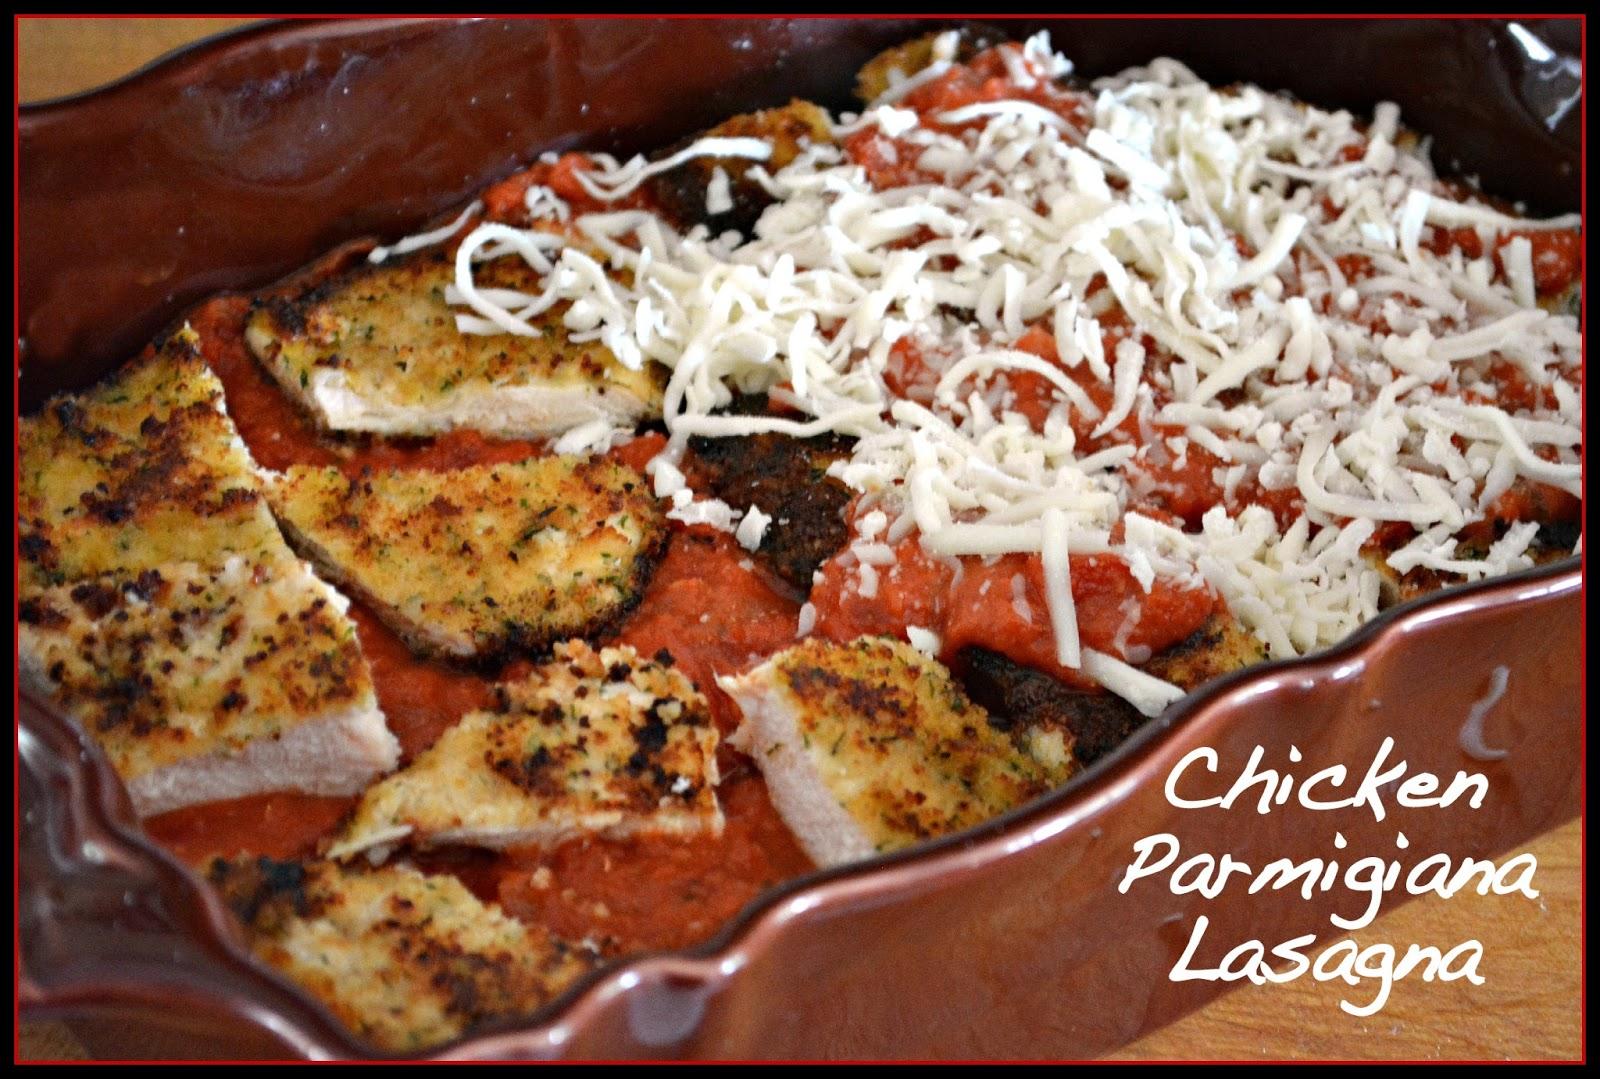 Chicken Parmigiana Lasagna